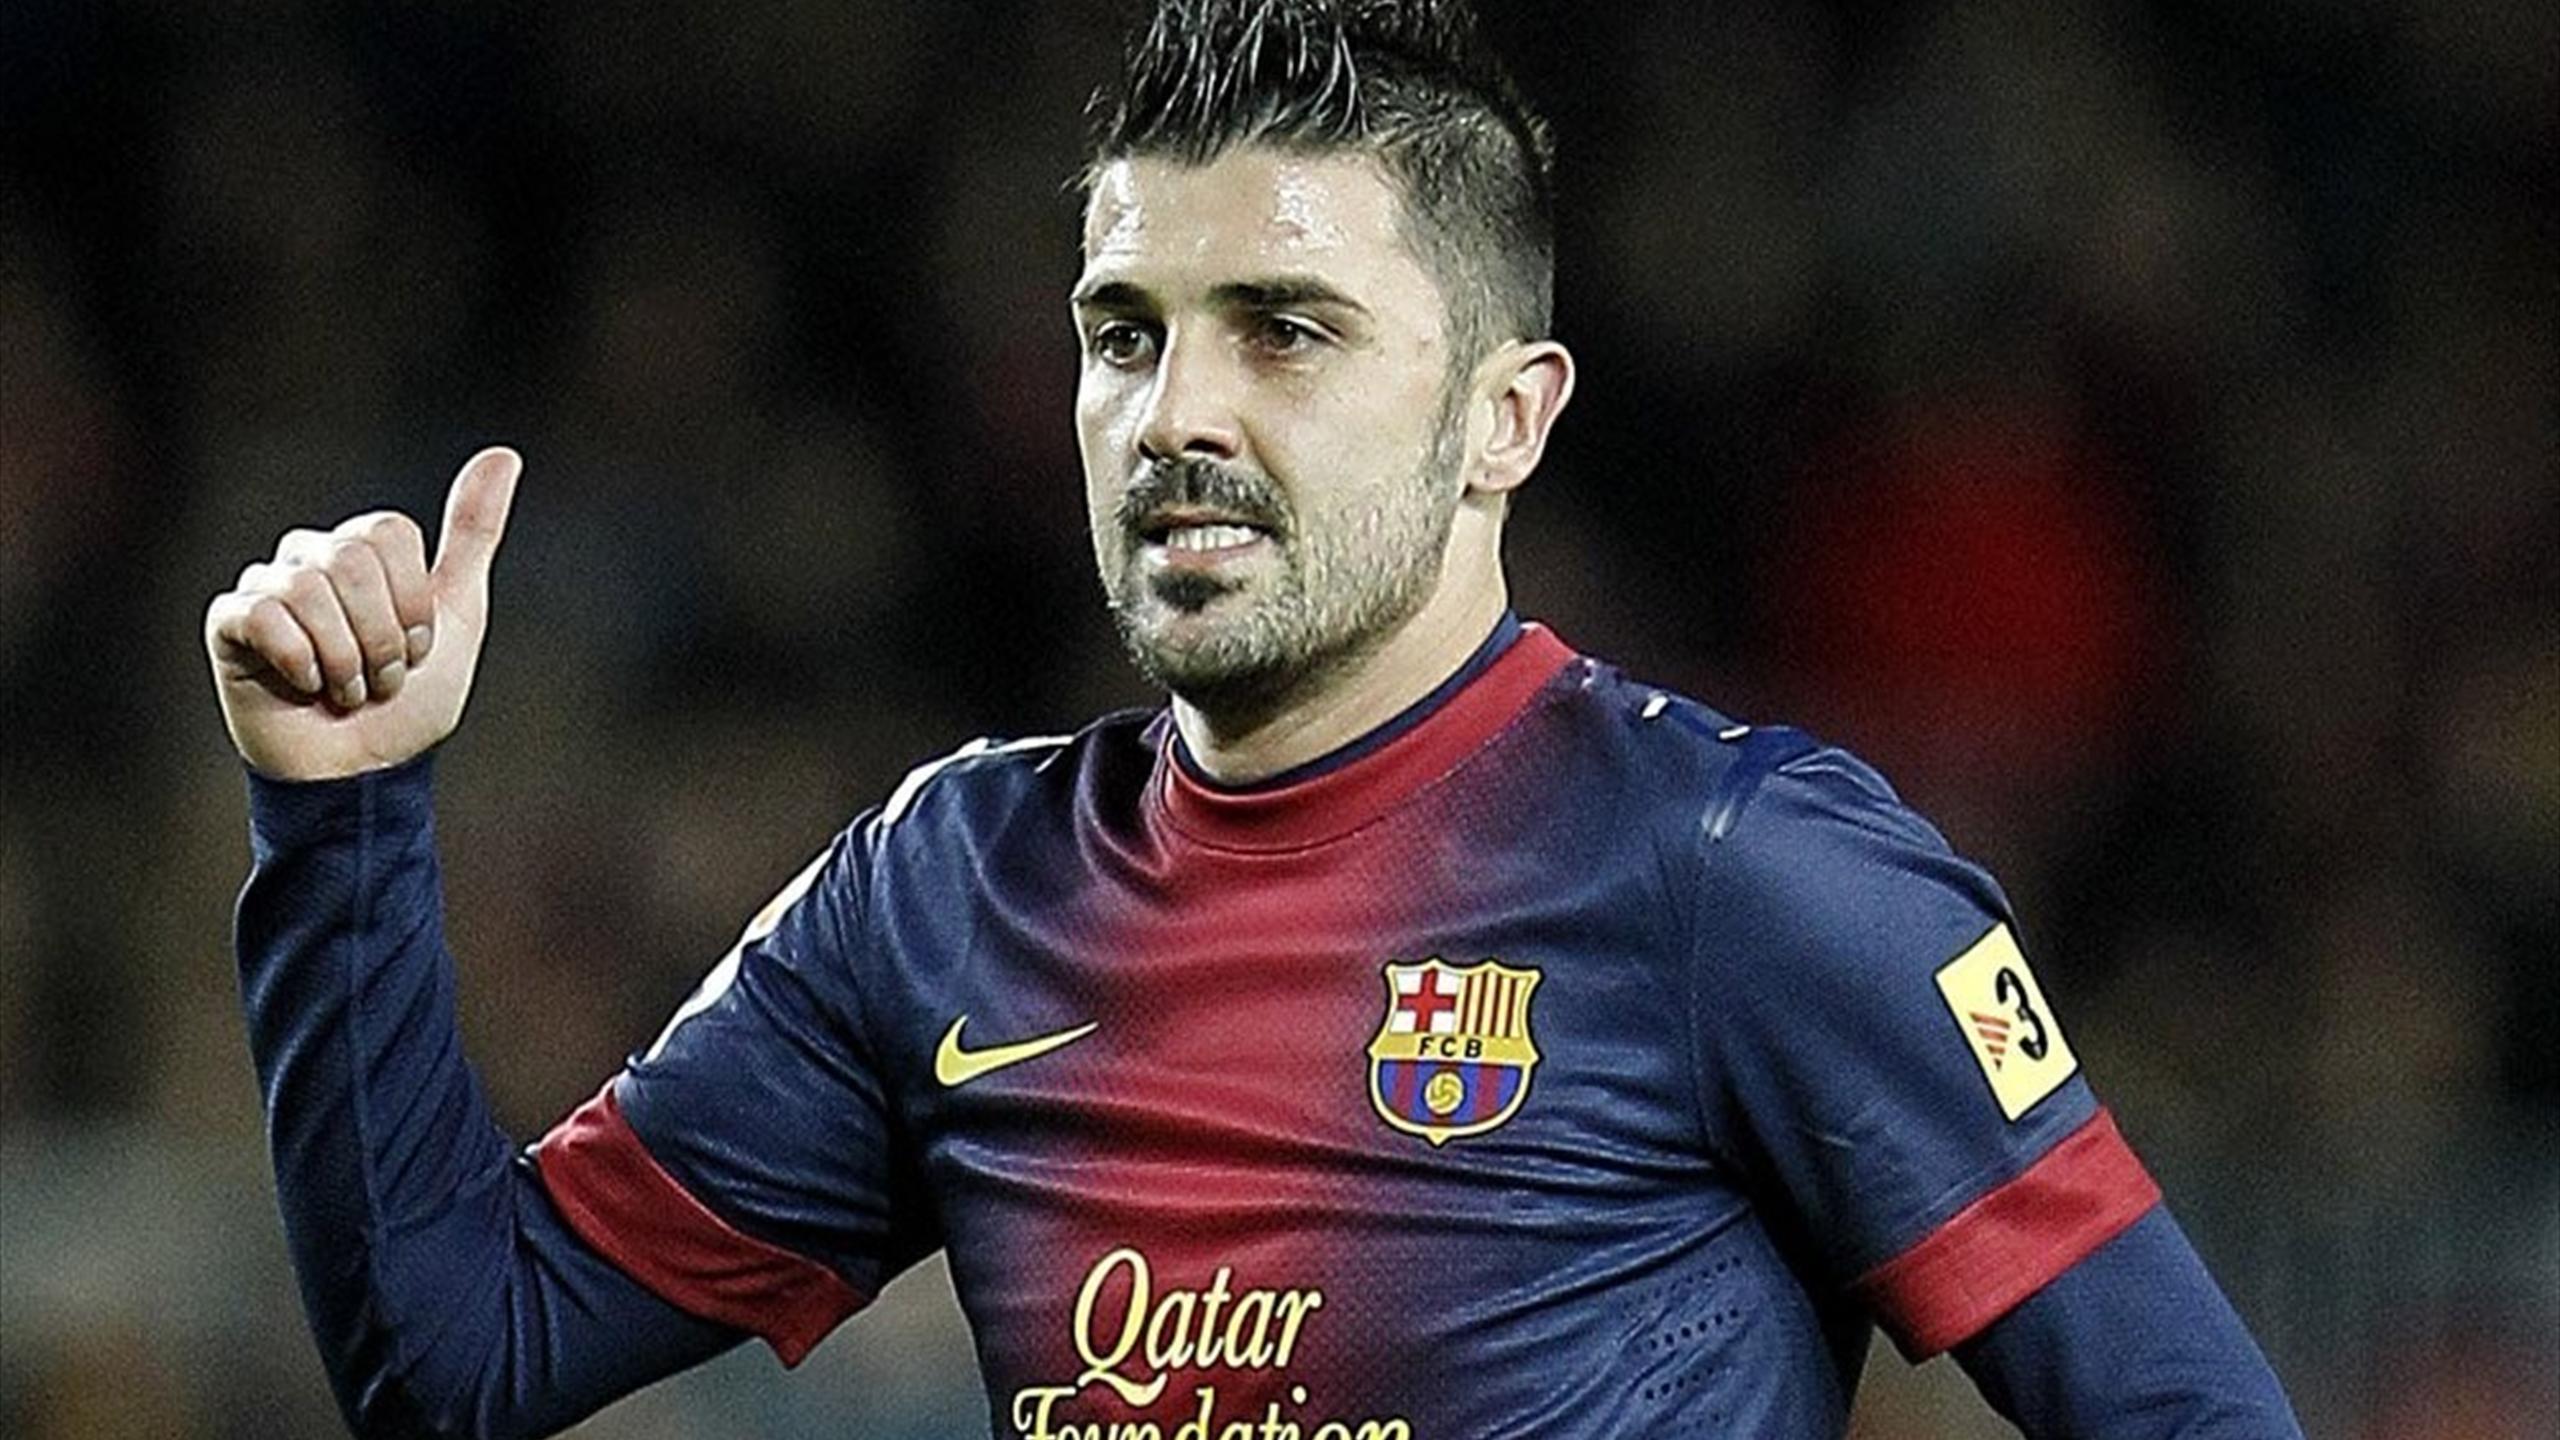 David Villa of Barcelona